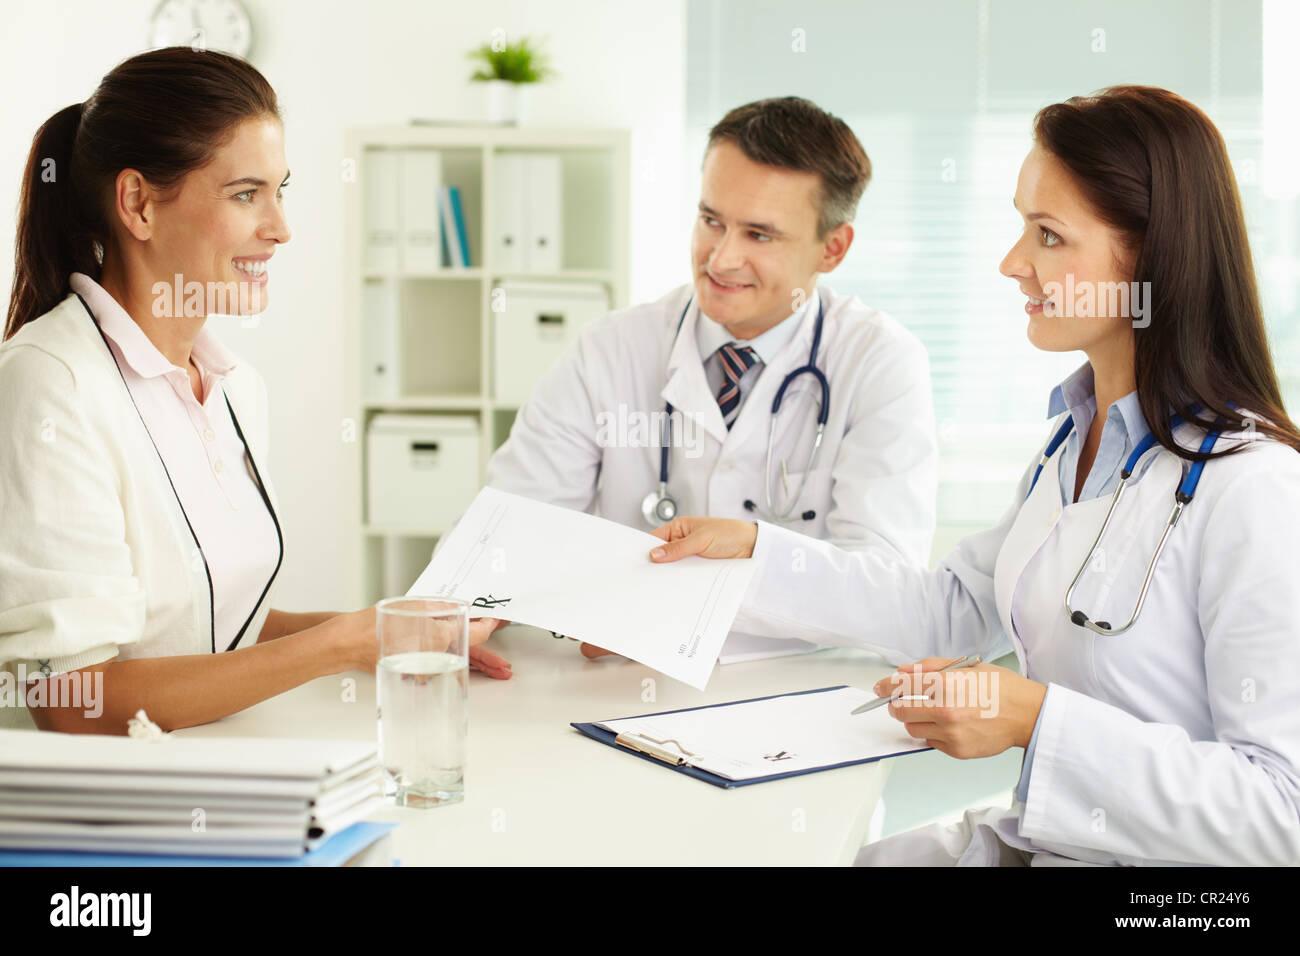 Vistoso Puestos De Trabajo Asistente Médico Imagen - Anatomía de Las ...